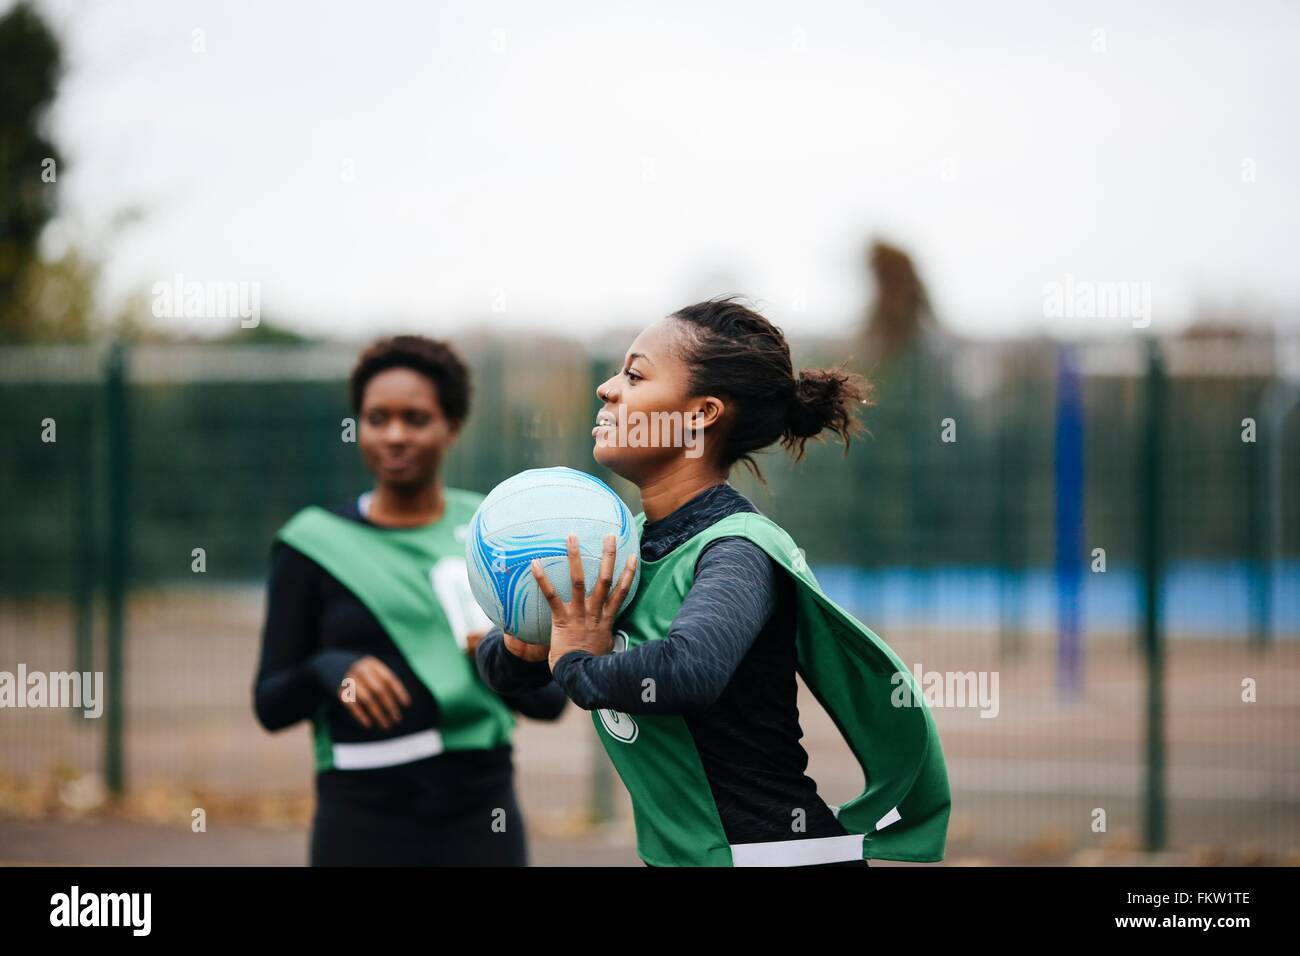 Junge Erwachsene weibliche Netball Spieler spielen Korbball Gericht Stockbild